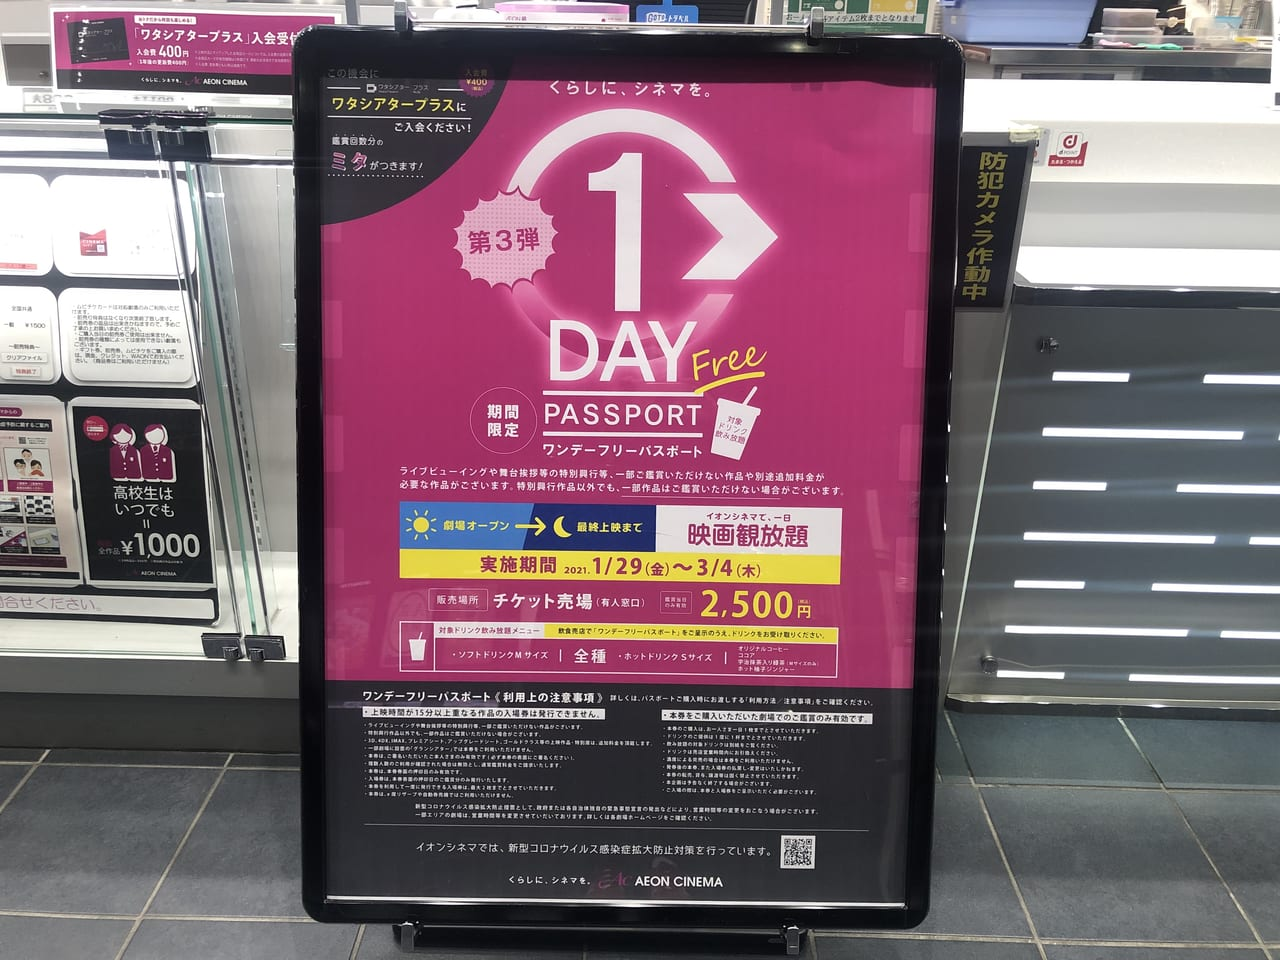 映画 イオン 放題 シネマ 見